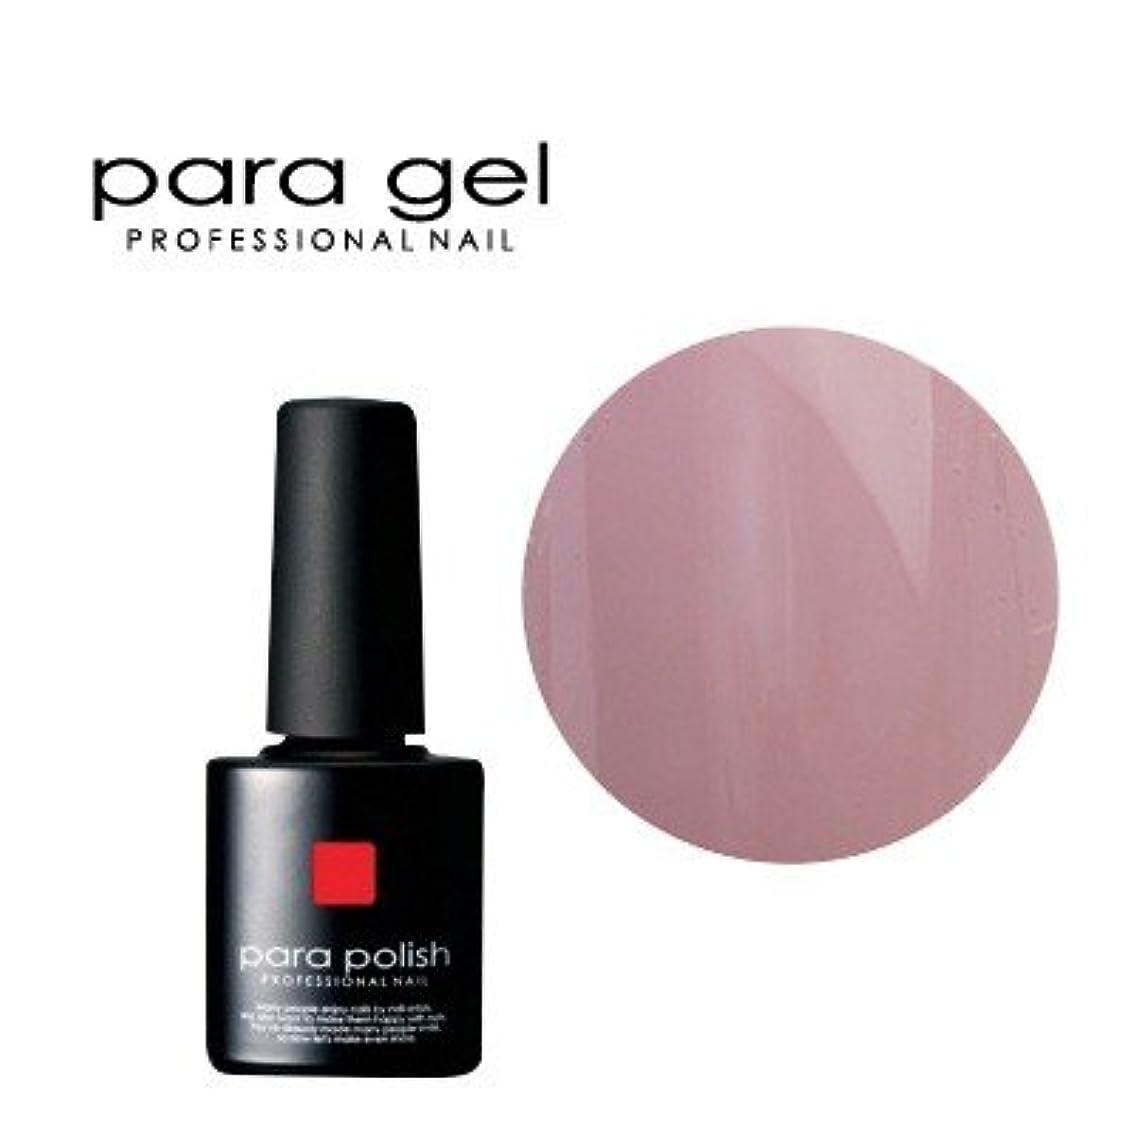 フィッティング有効な餌パラジェル para polish(パラポリッシュ) カラージェル MD11 ダスティピンク 7g